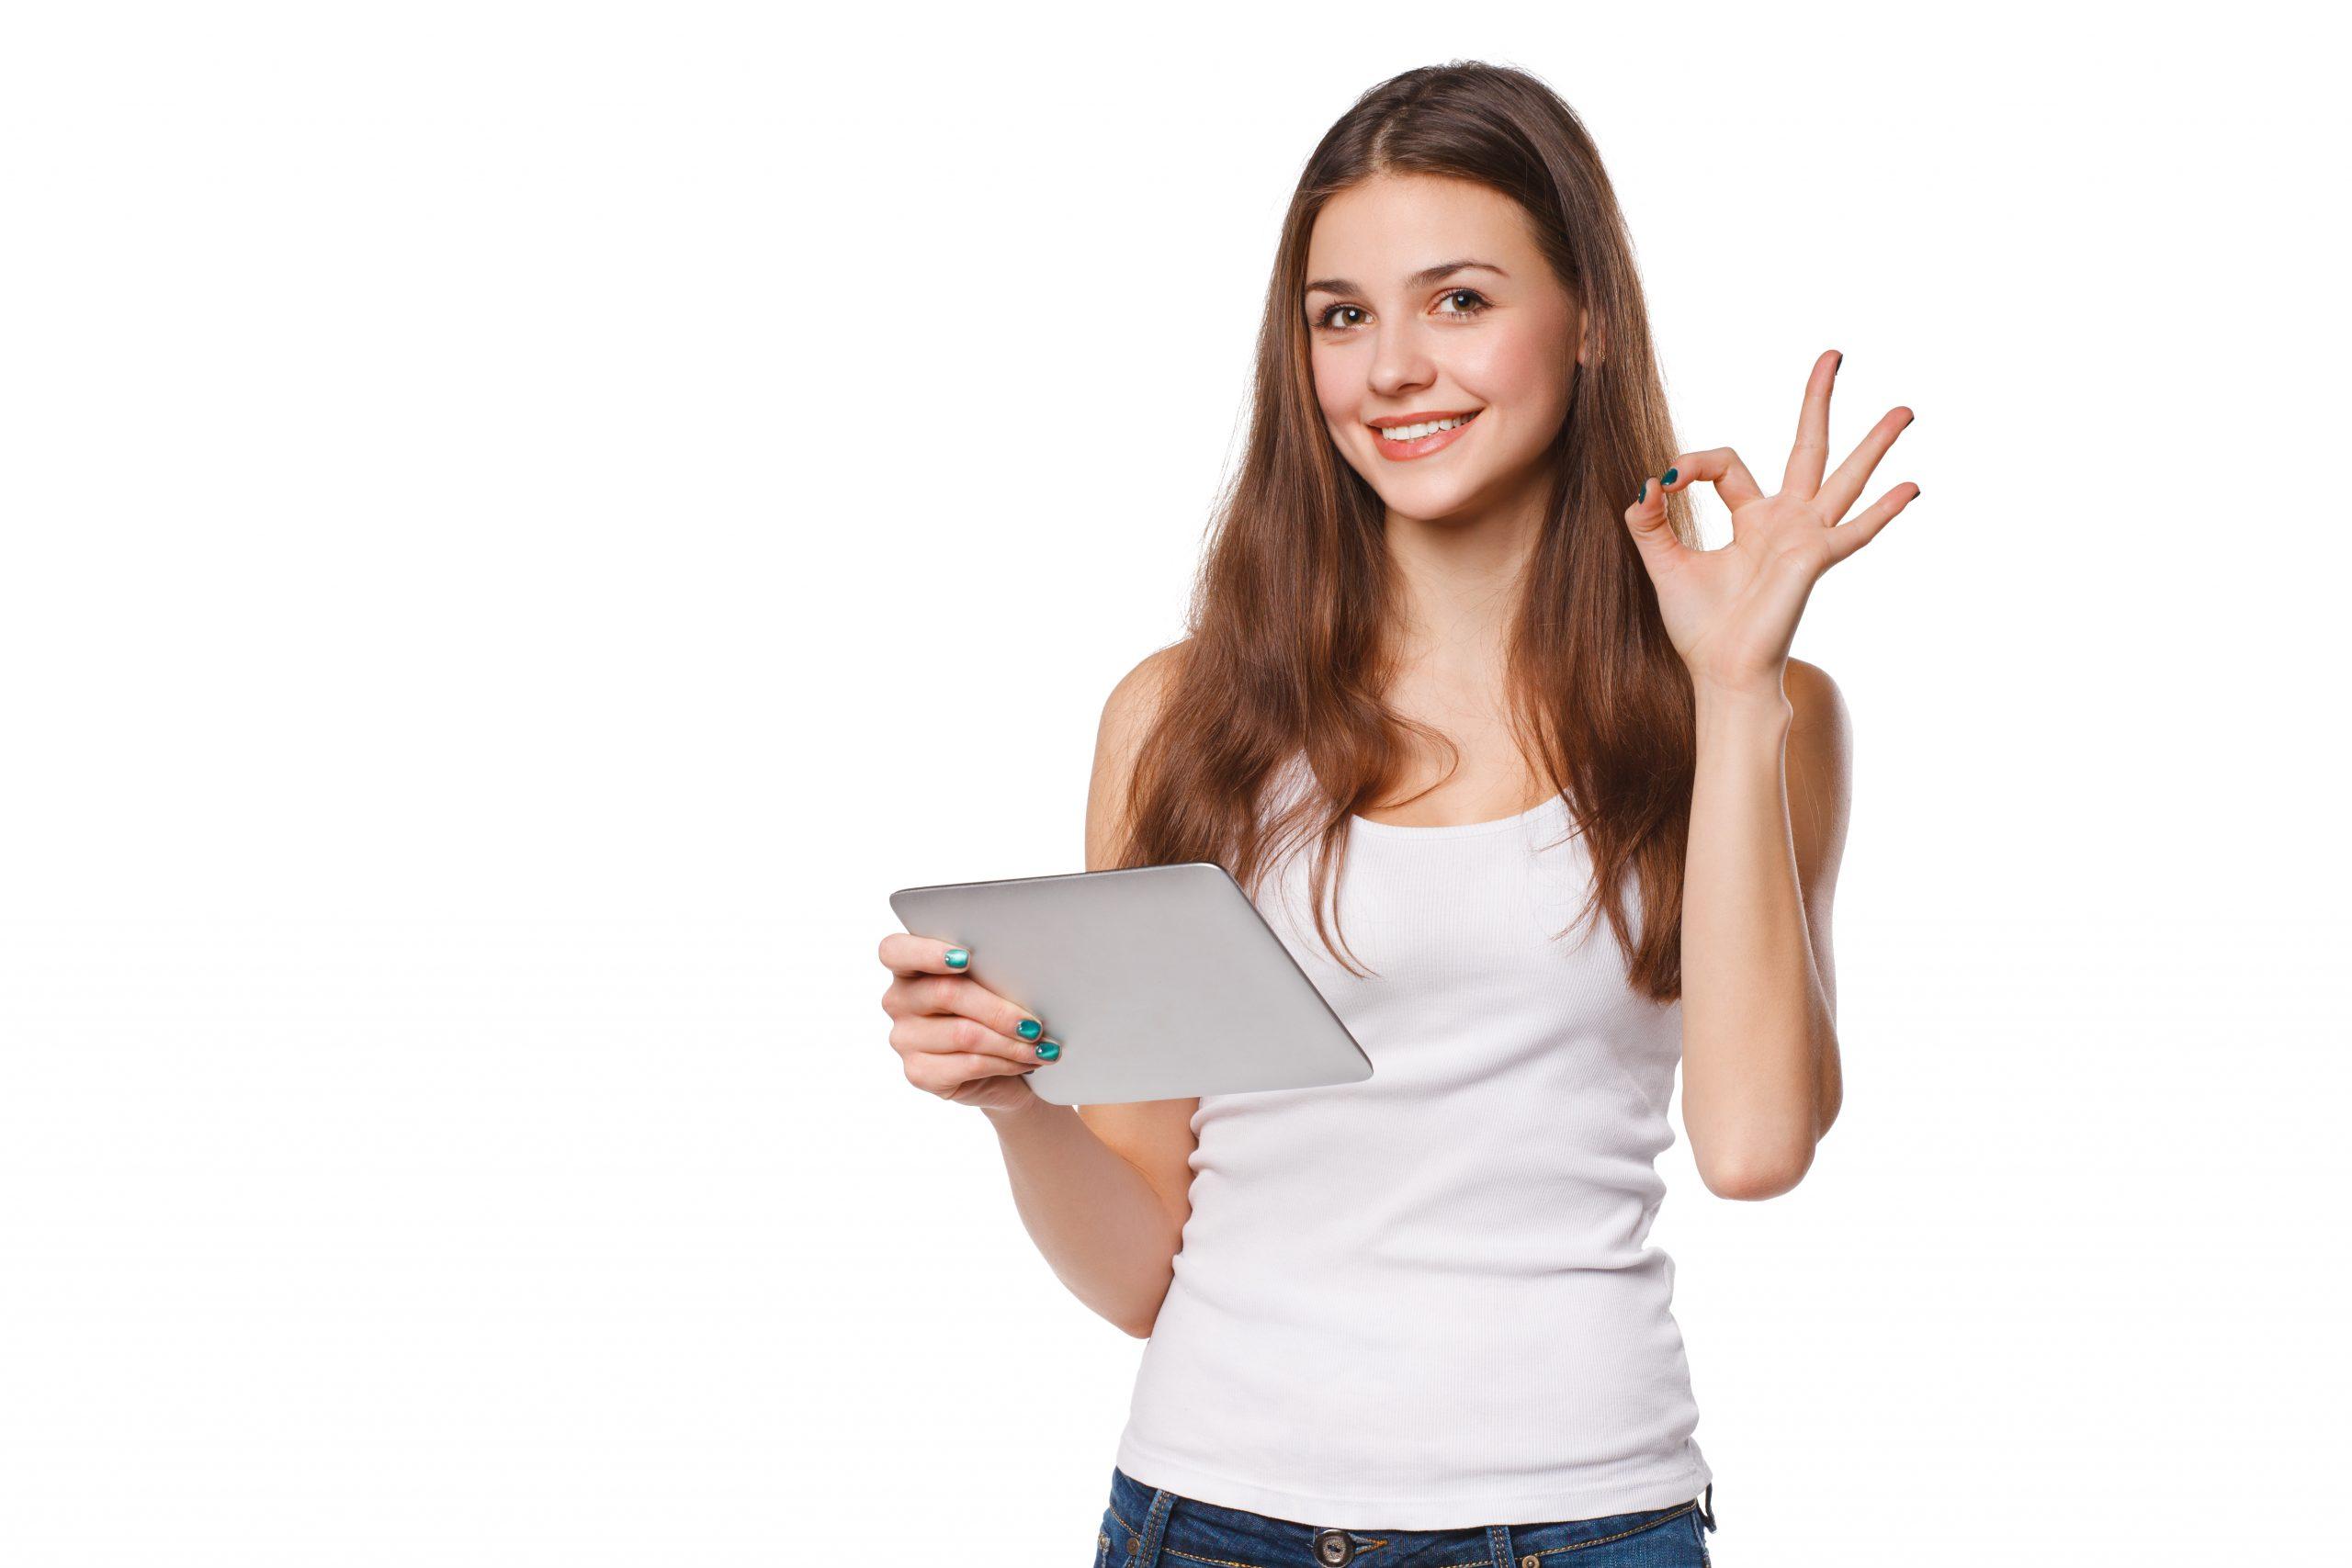 Fahrschule digitaler Unterricht Cityfahrschule